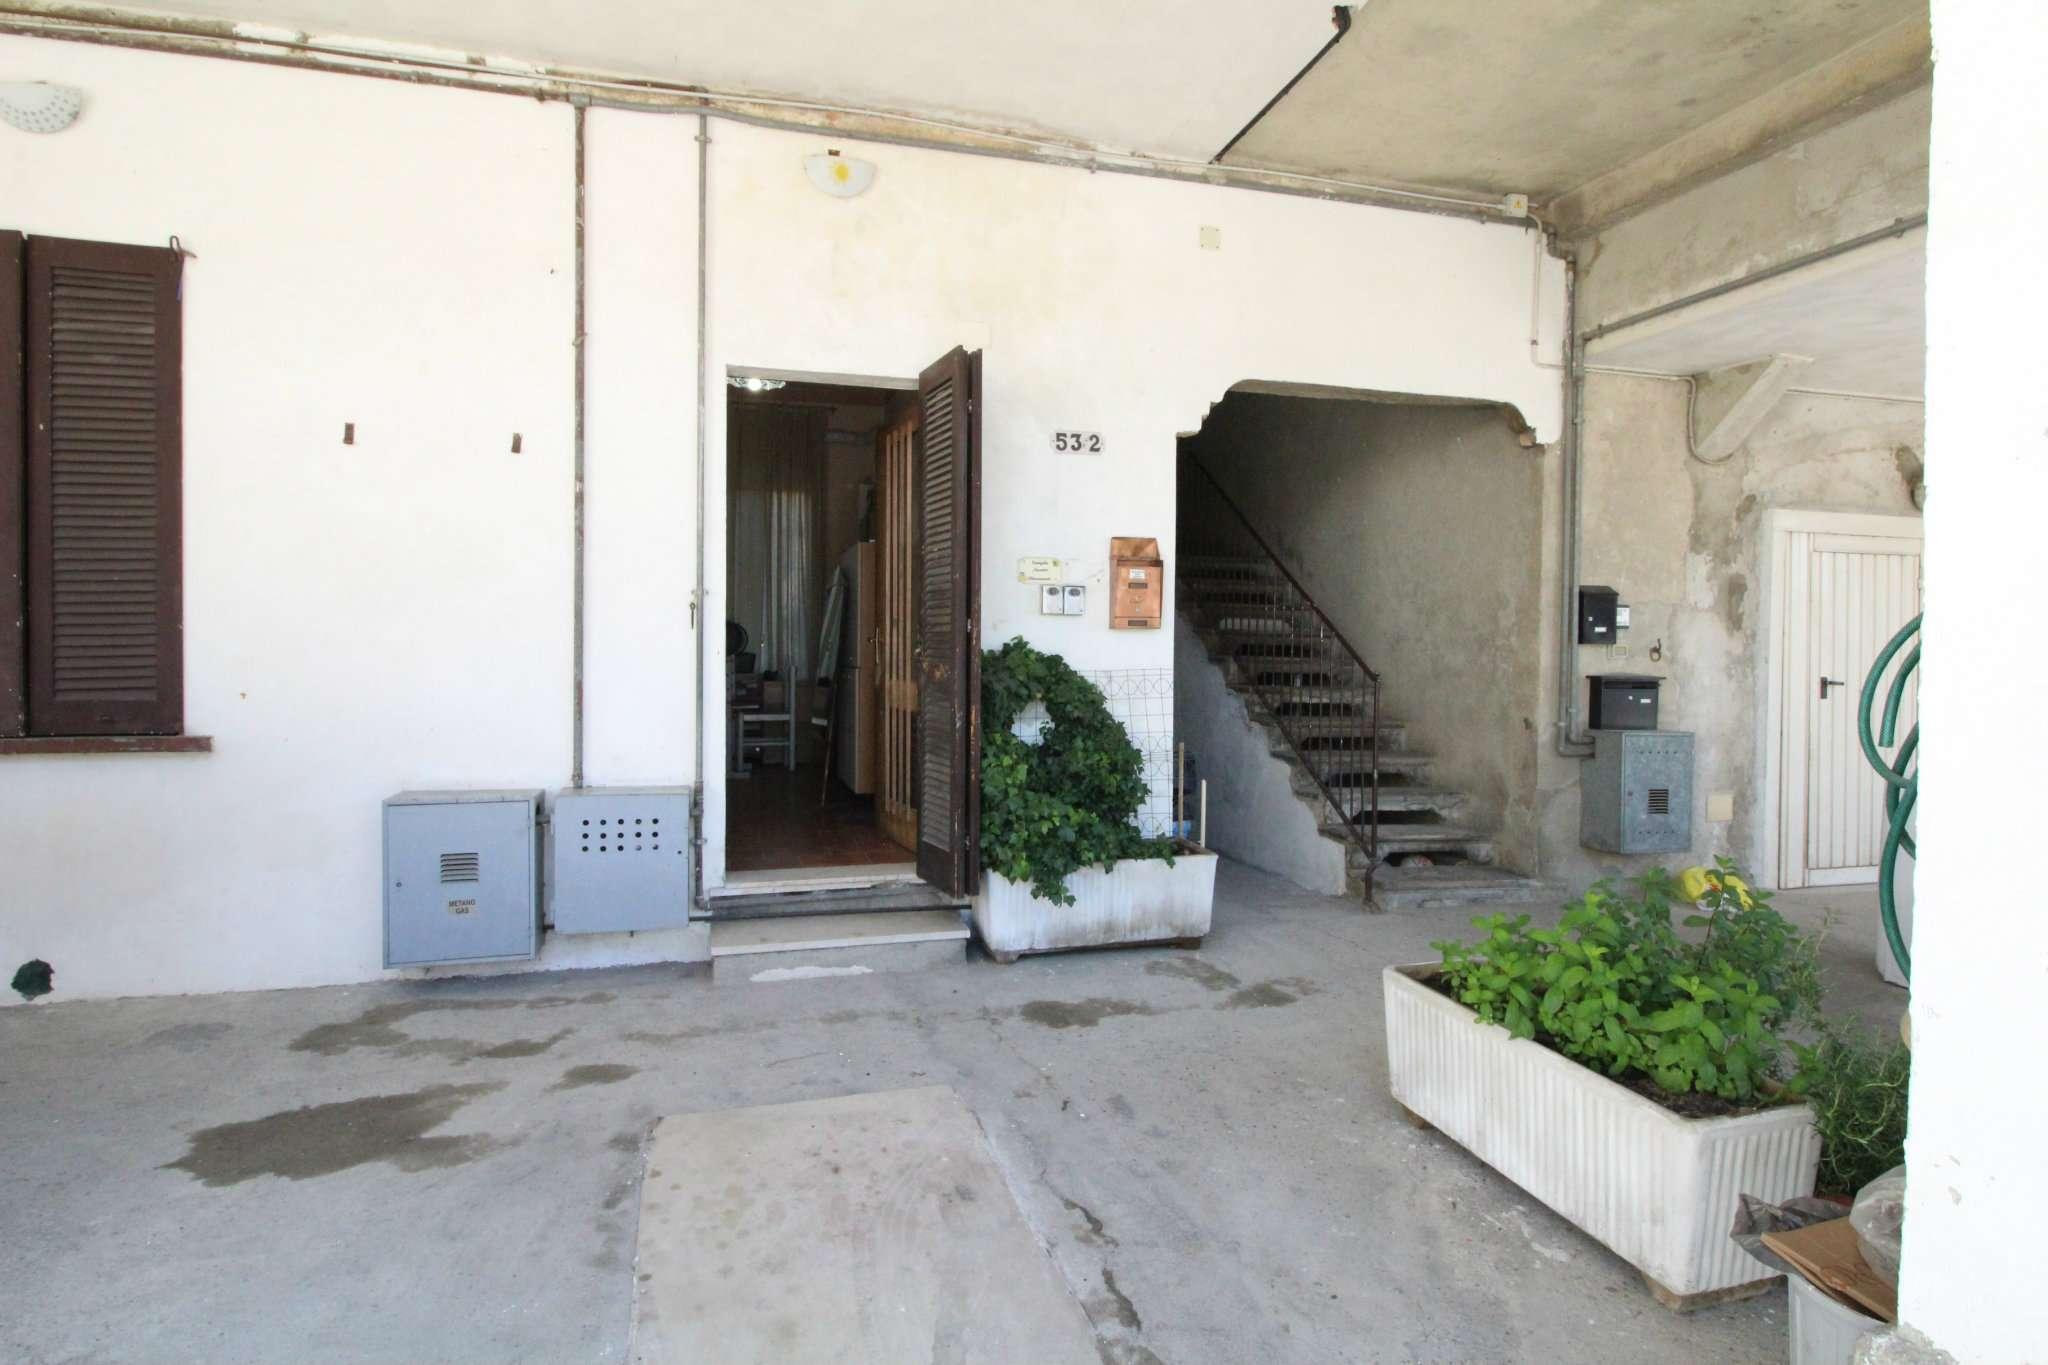 Appartamento in vendita a Mezzago, 3 locali, prezzo € 88.000 | CambioCasa.it